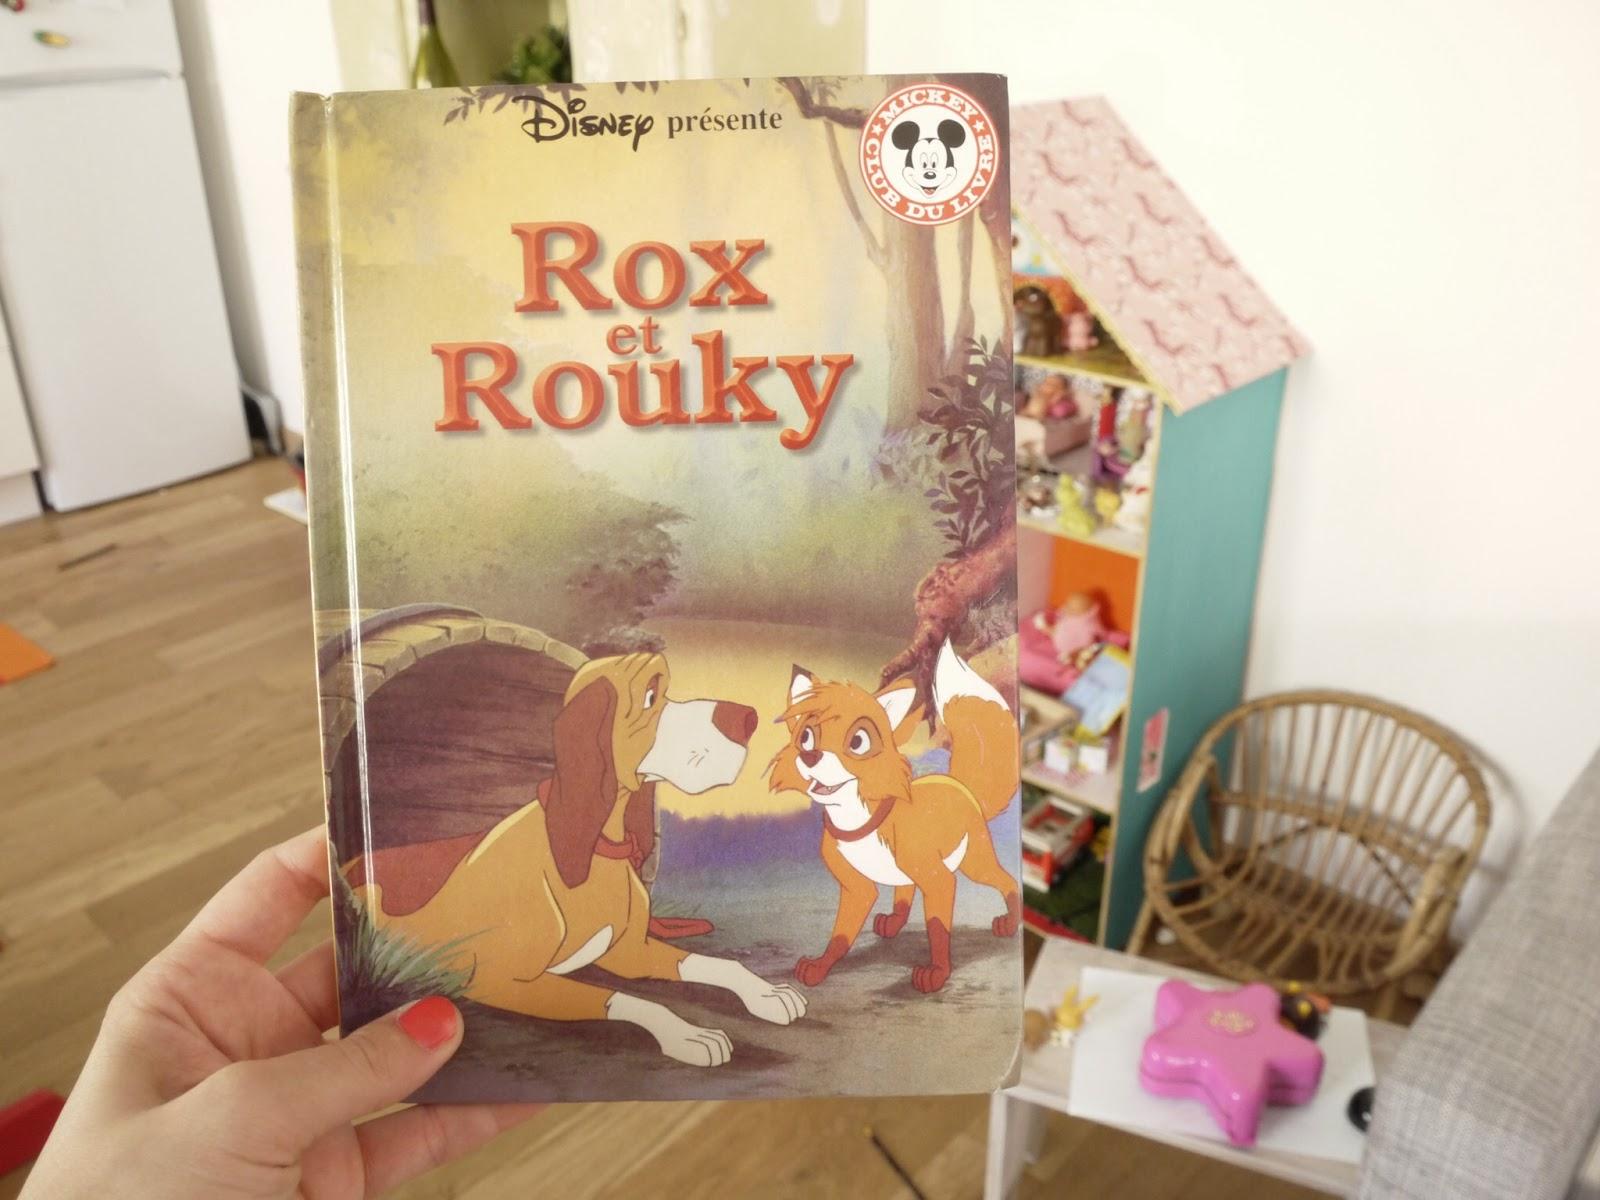 rox et roucky disney